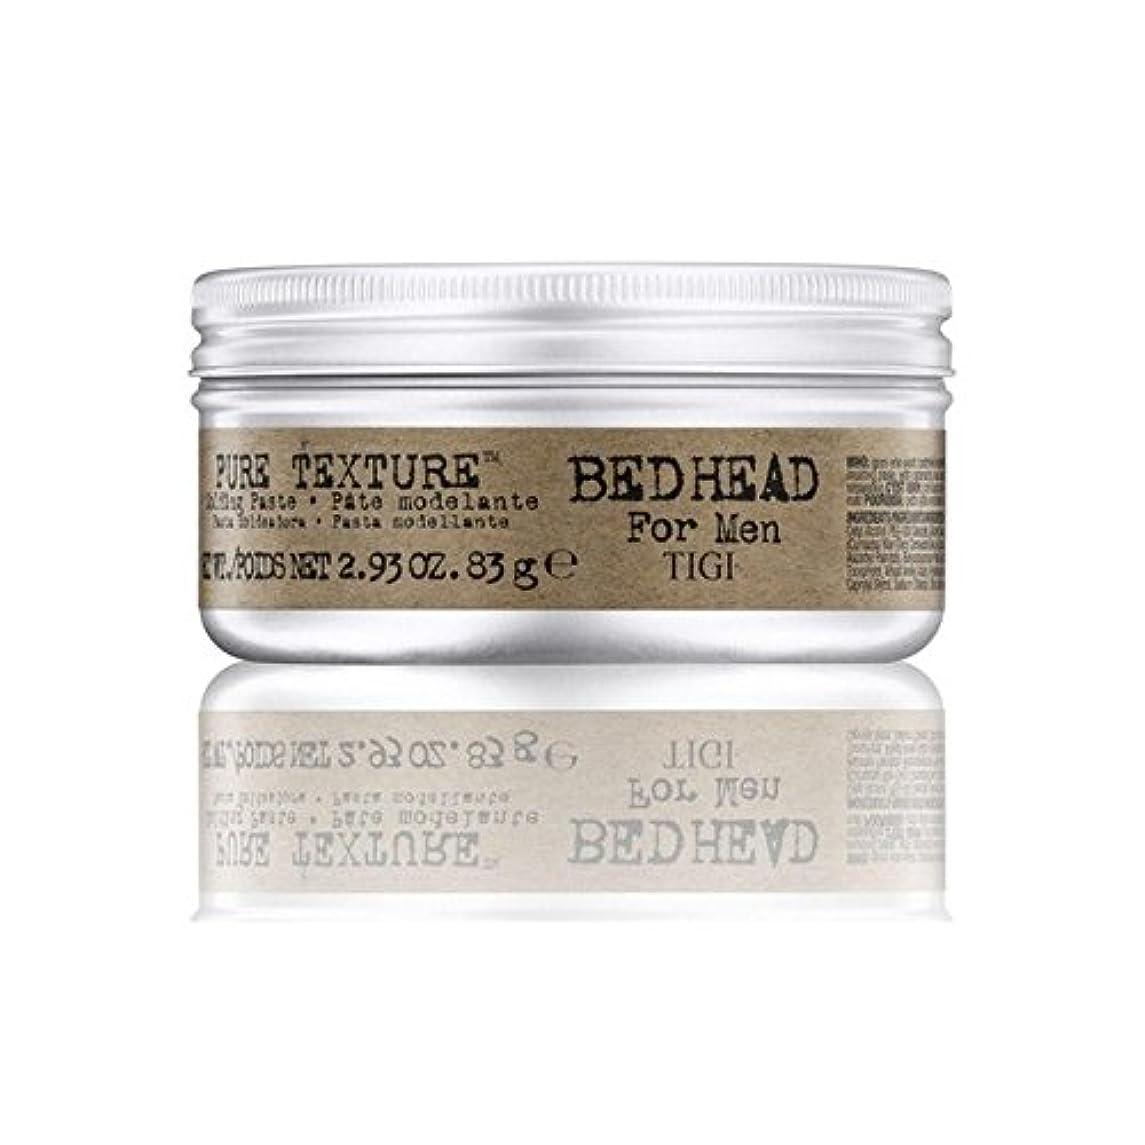 失業スクラップ治安判事男性の純粋なテクスチャーモールディングペースト(83グラム)のためのティジーベッドヘッド x4 - Tigi Bed Head For Men Pure Texture Molding Paste (83G) (Pack...